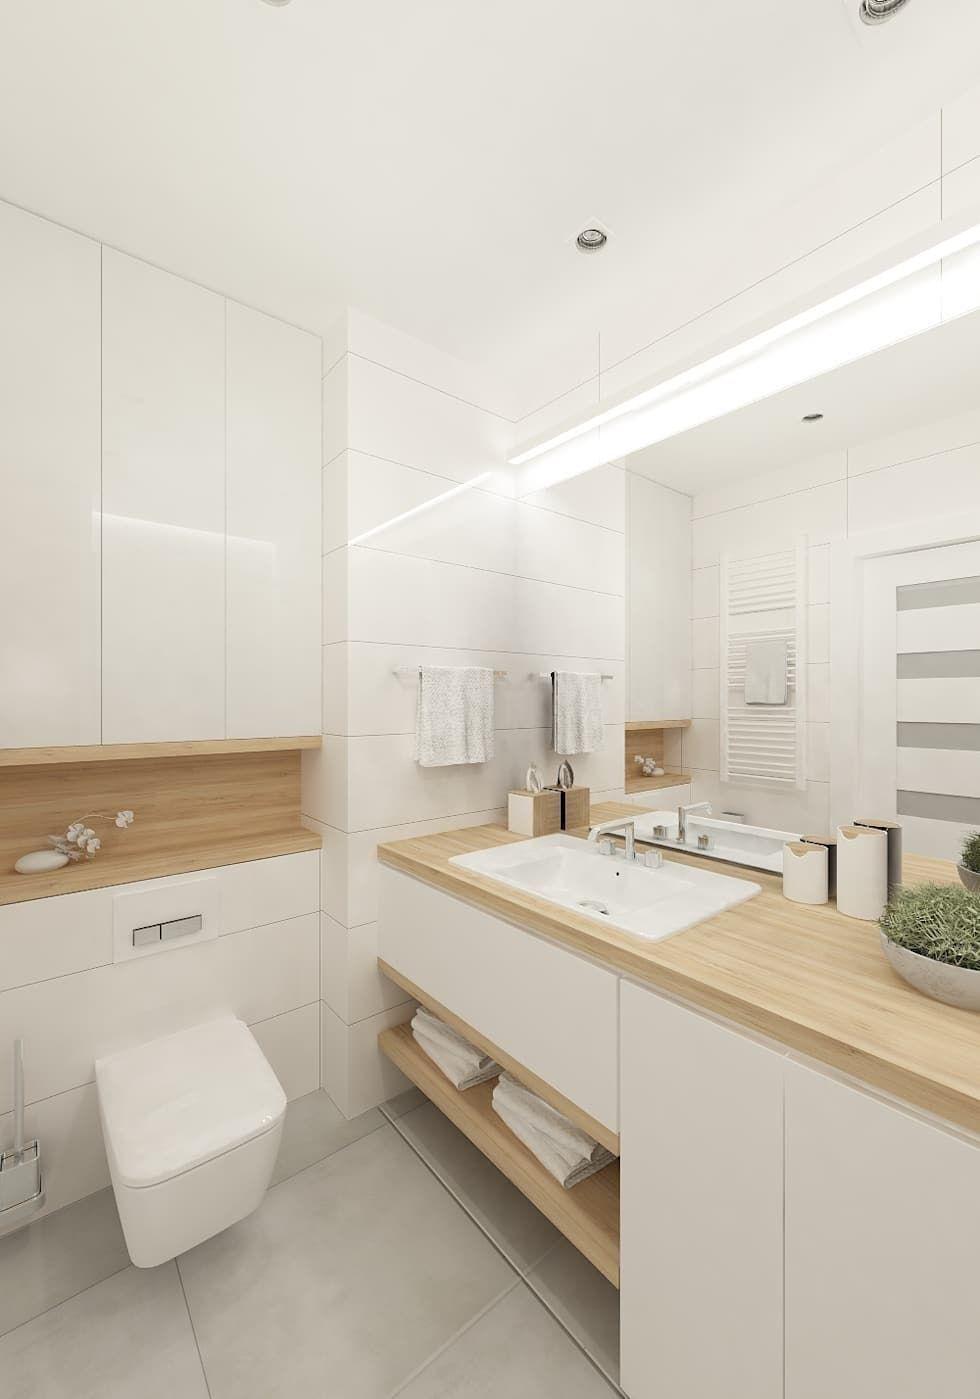 Pomysły na wnętrza i zdjęcia dekoraci wnętrz | Toilet, Bathroom ...